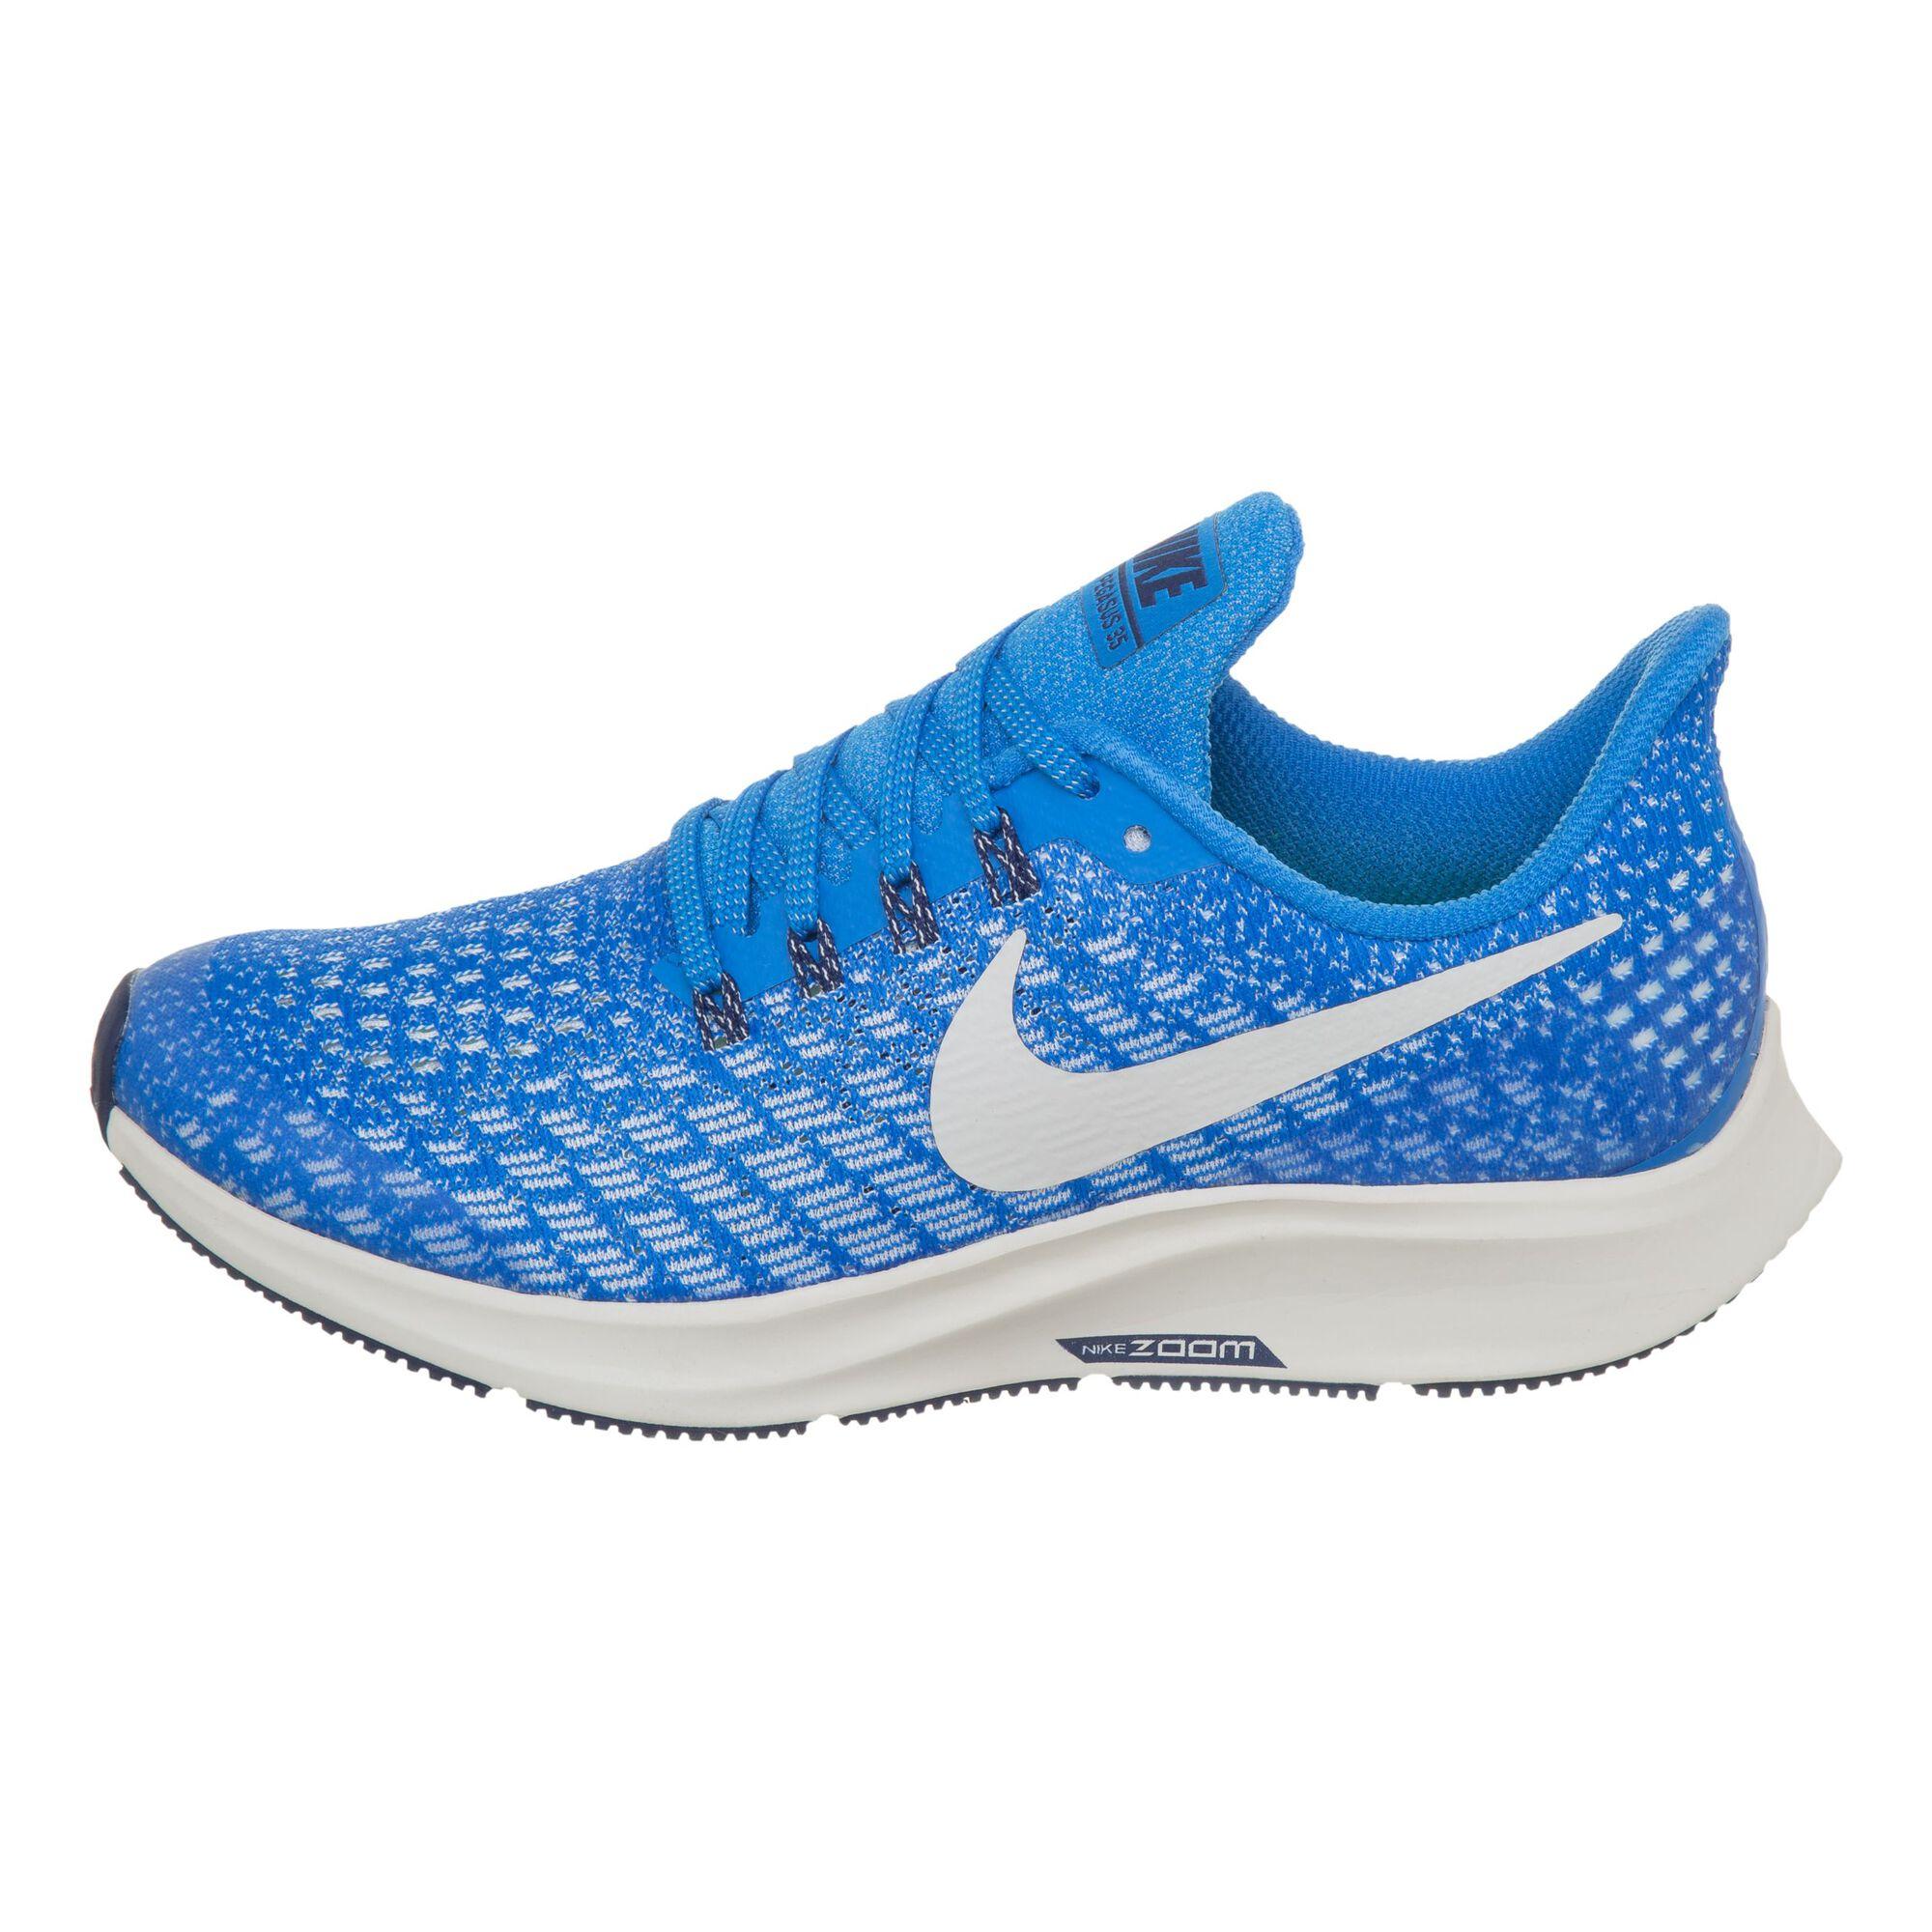 9884b2ac3015 Nike · Nike · Nike · Nike · Nike · Nike · Nike · Nike · Nike · Nike. Air  Zoom Pegasus 35 ...